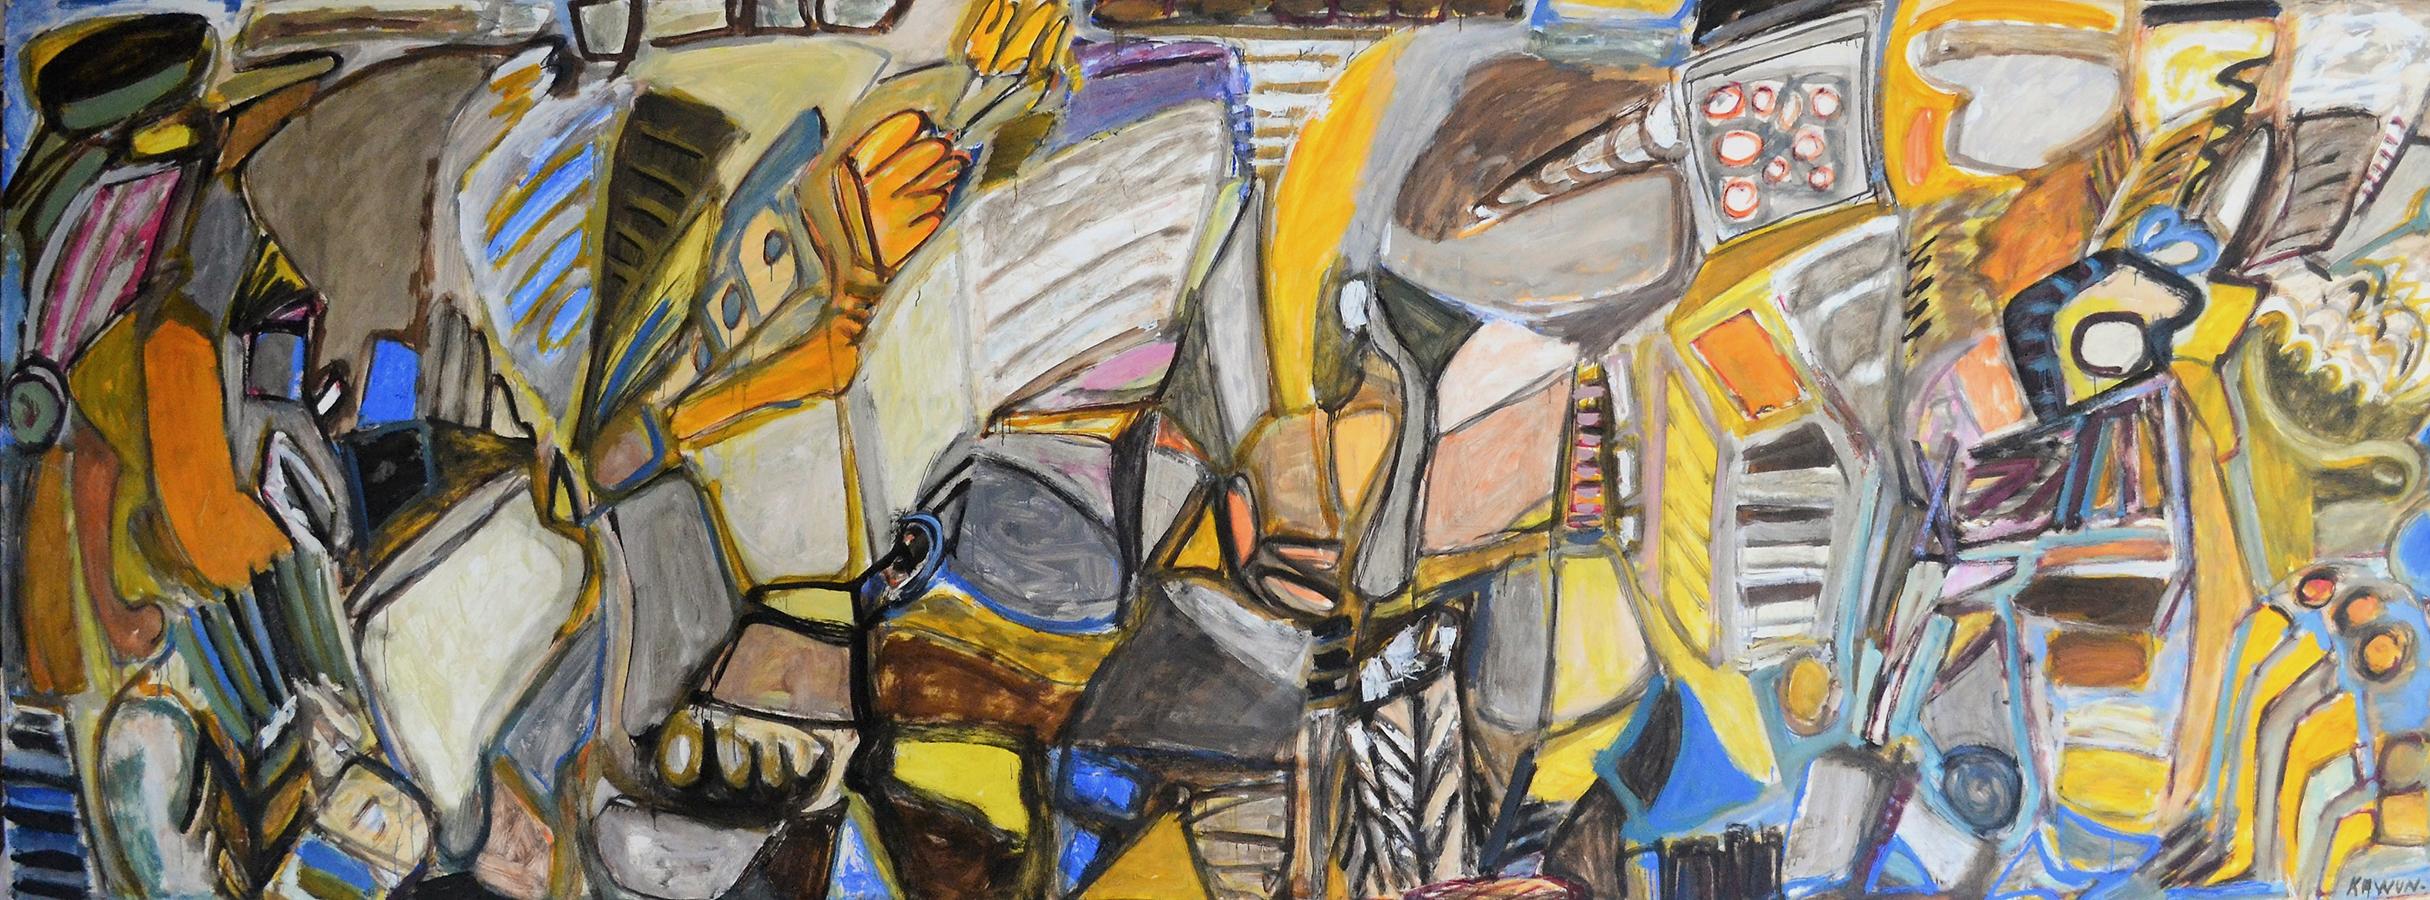 Sans titre 1972 huile/papier marouflé sur toile 170 x 410 cm